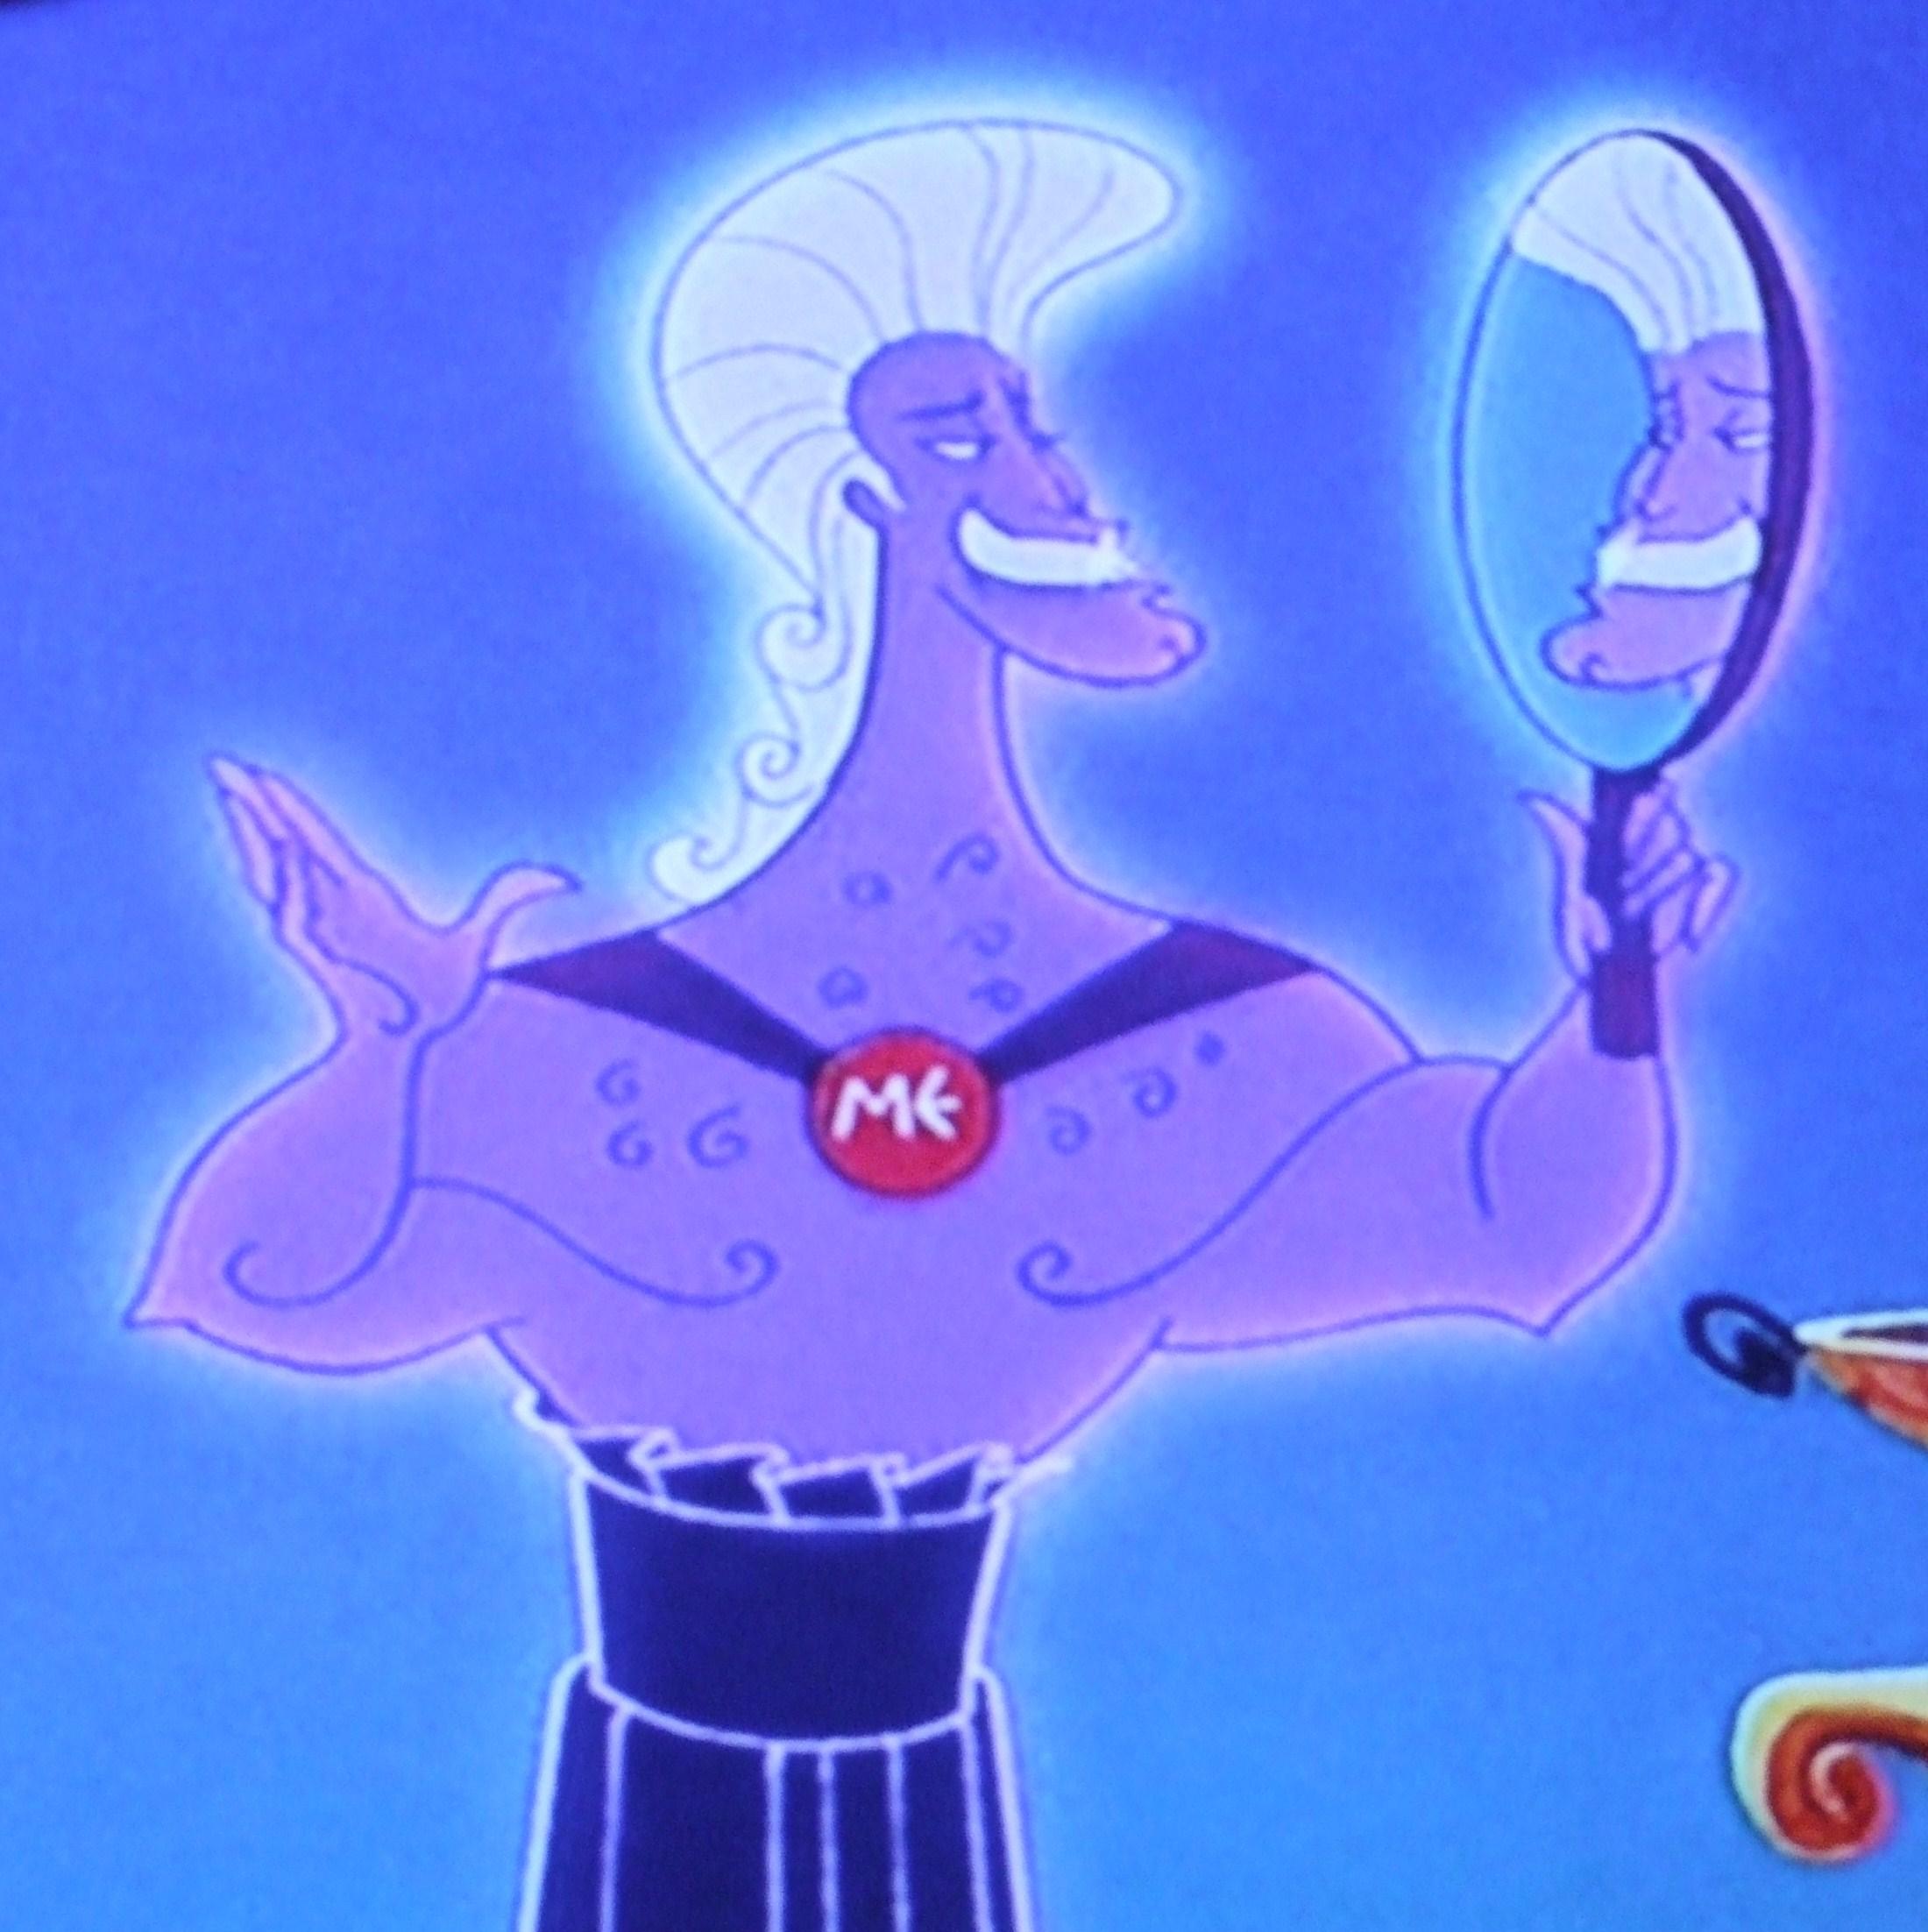 Ares Disney Hercules 6313 Pixhd